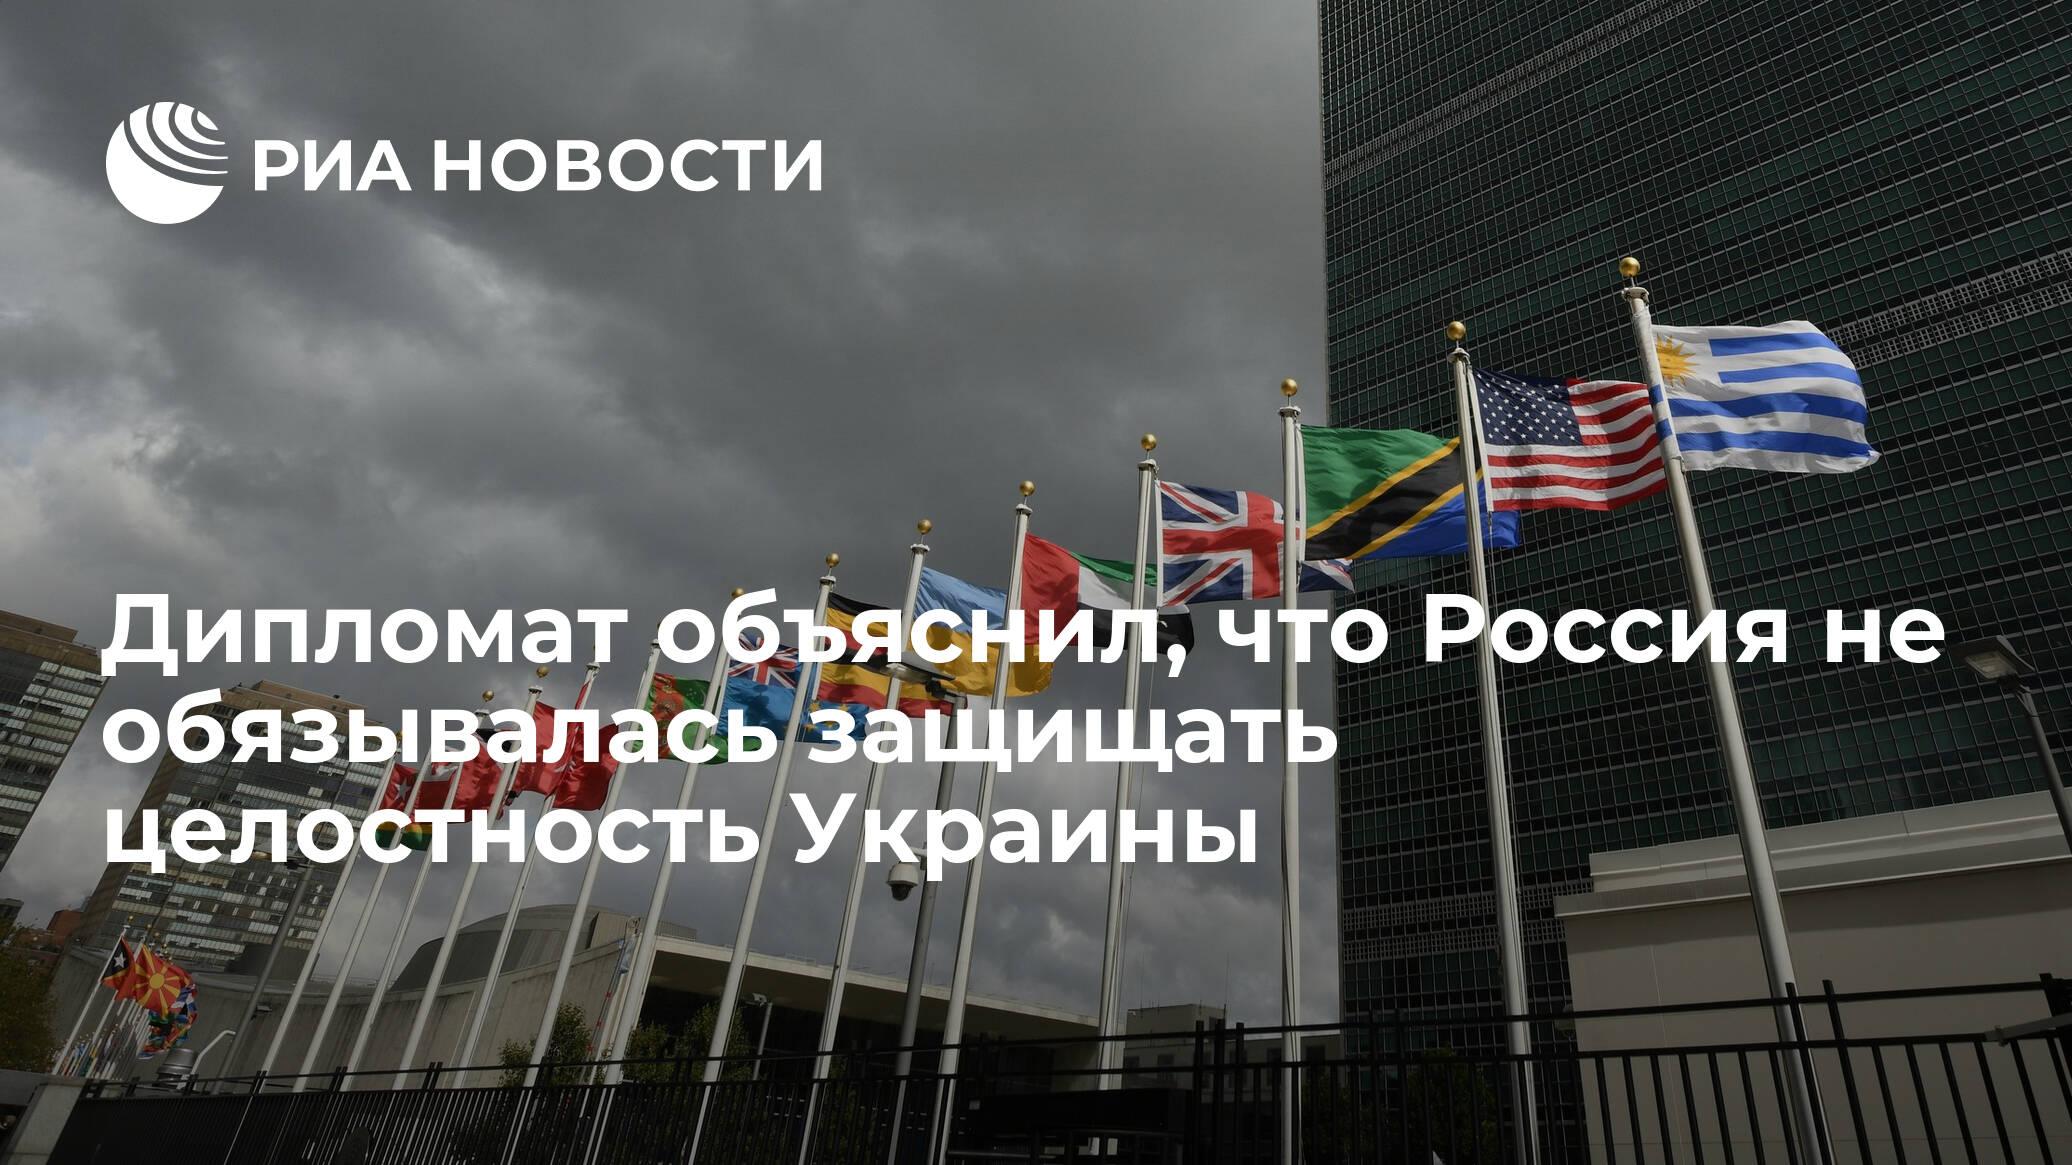 Дипломат объяснил, что Россия не обязывалась защищать целостность Украины